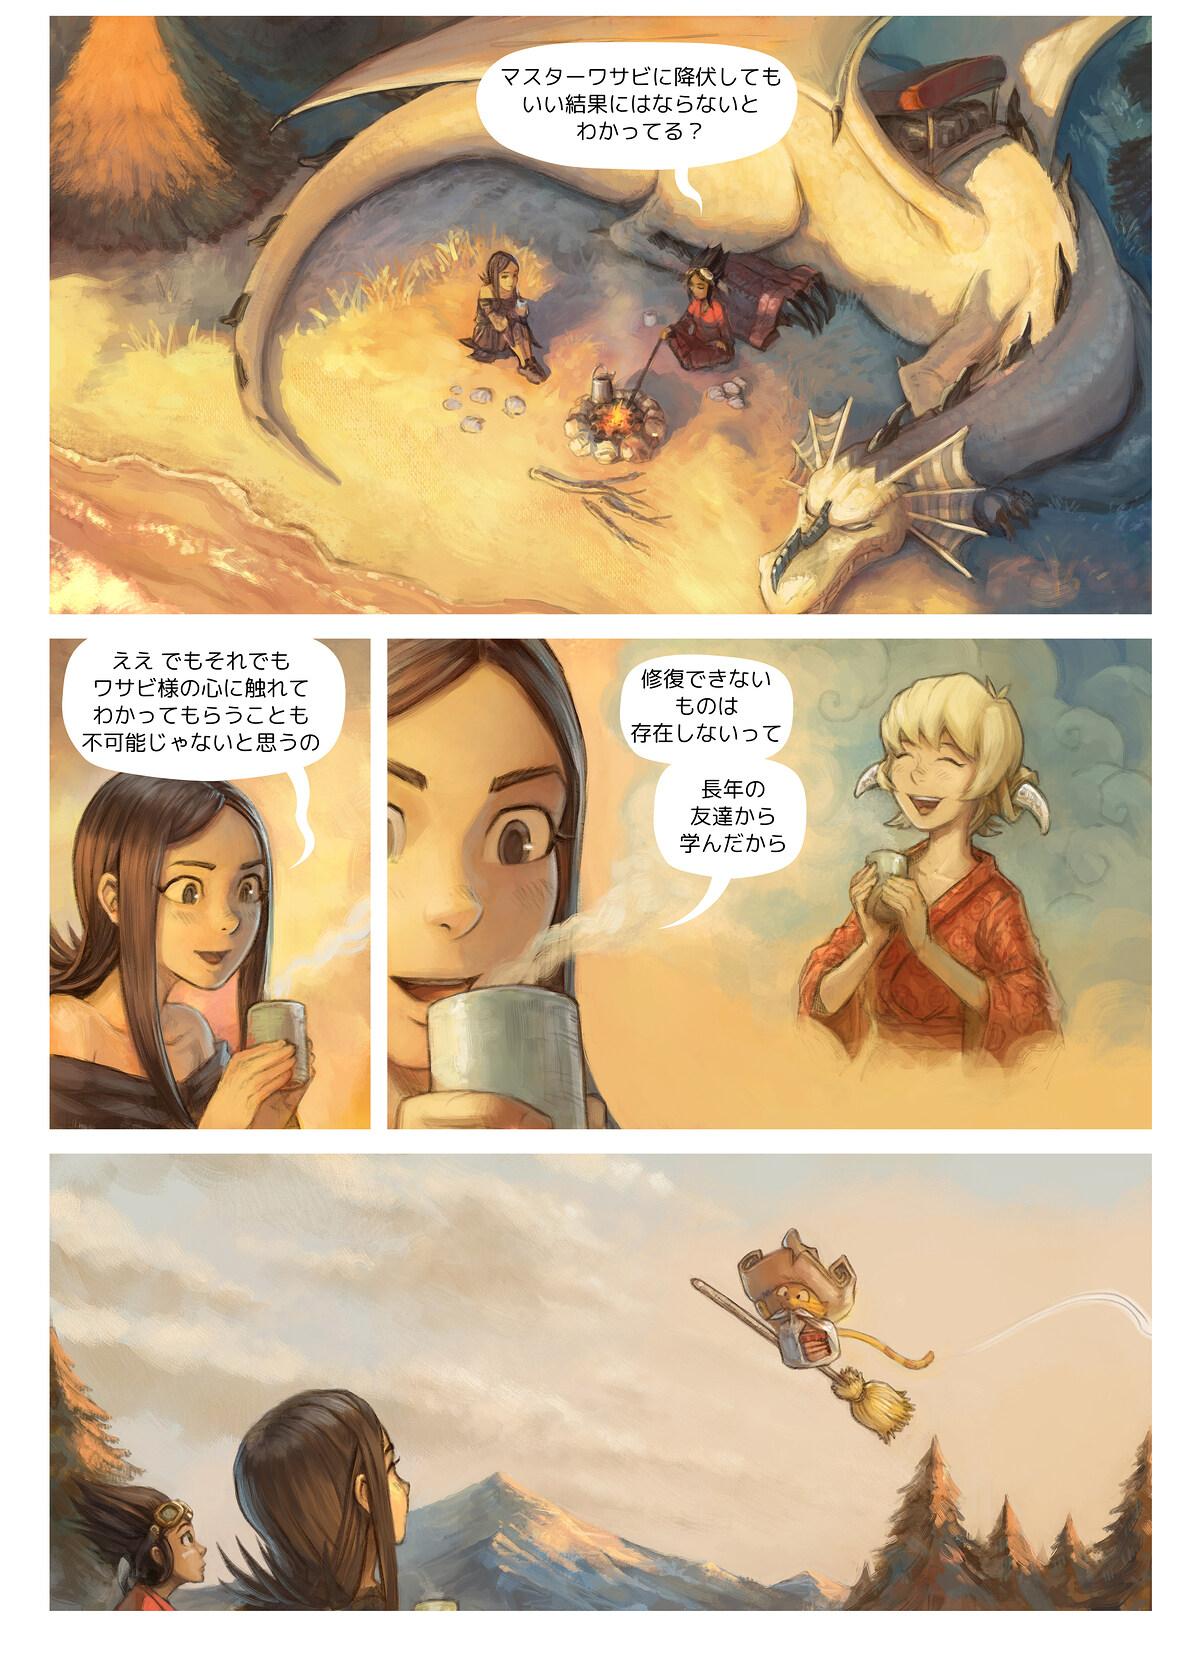 エピソード 35: 鏡像, ページ 10